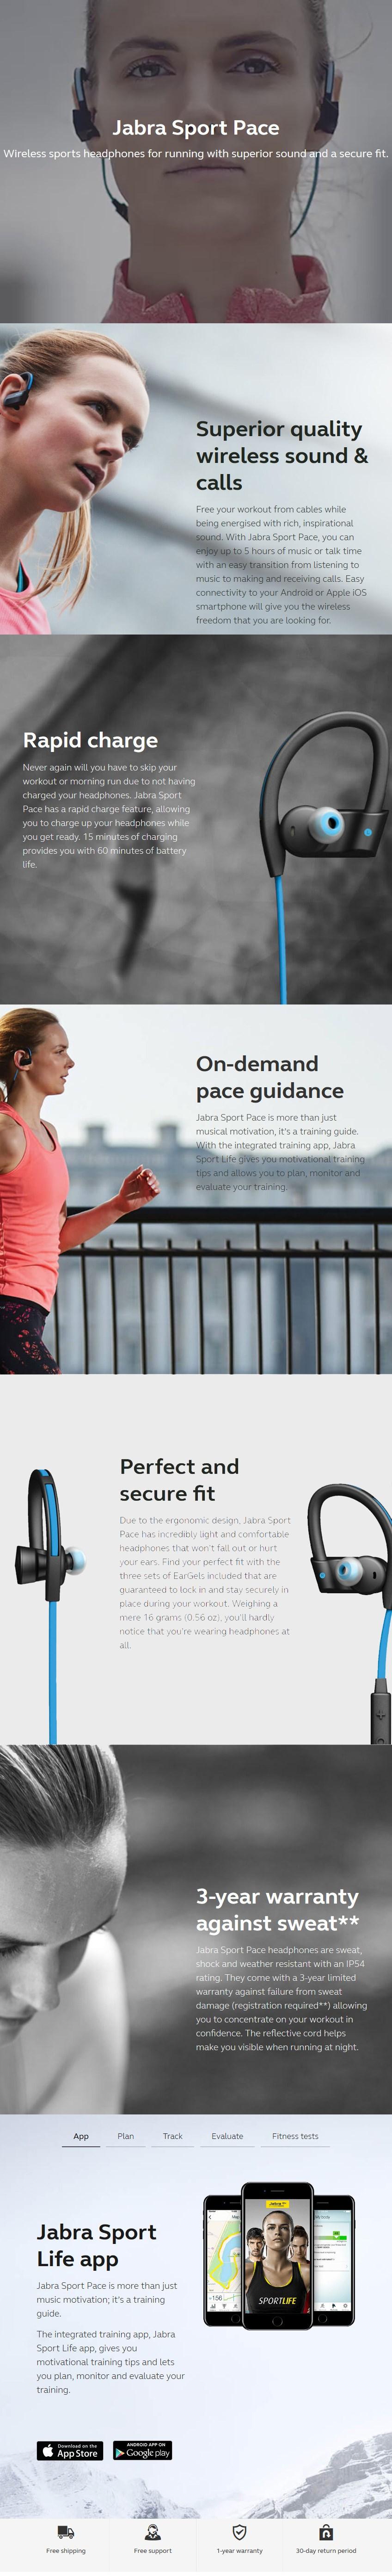 Jabra Sport Pace Bluetooth Earphones - Black - Desktop Overview 1